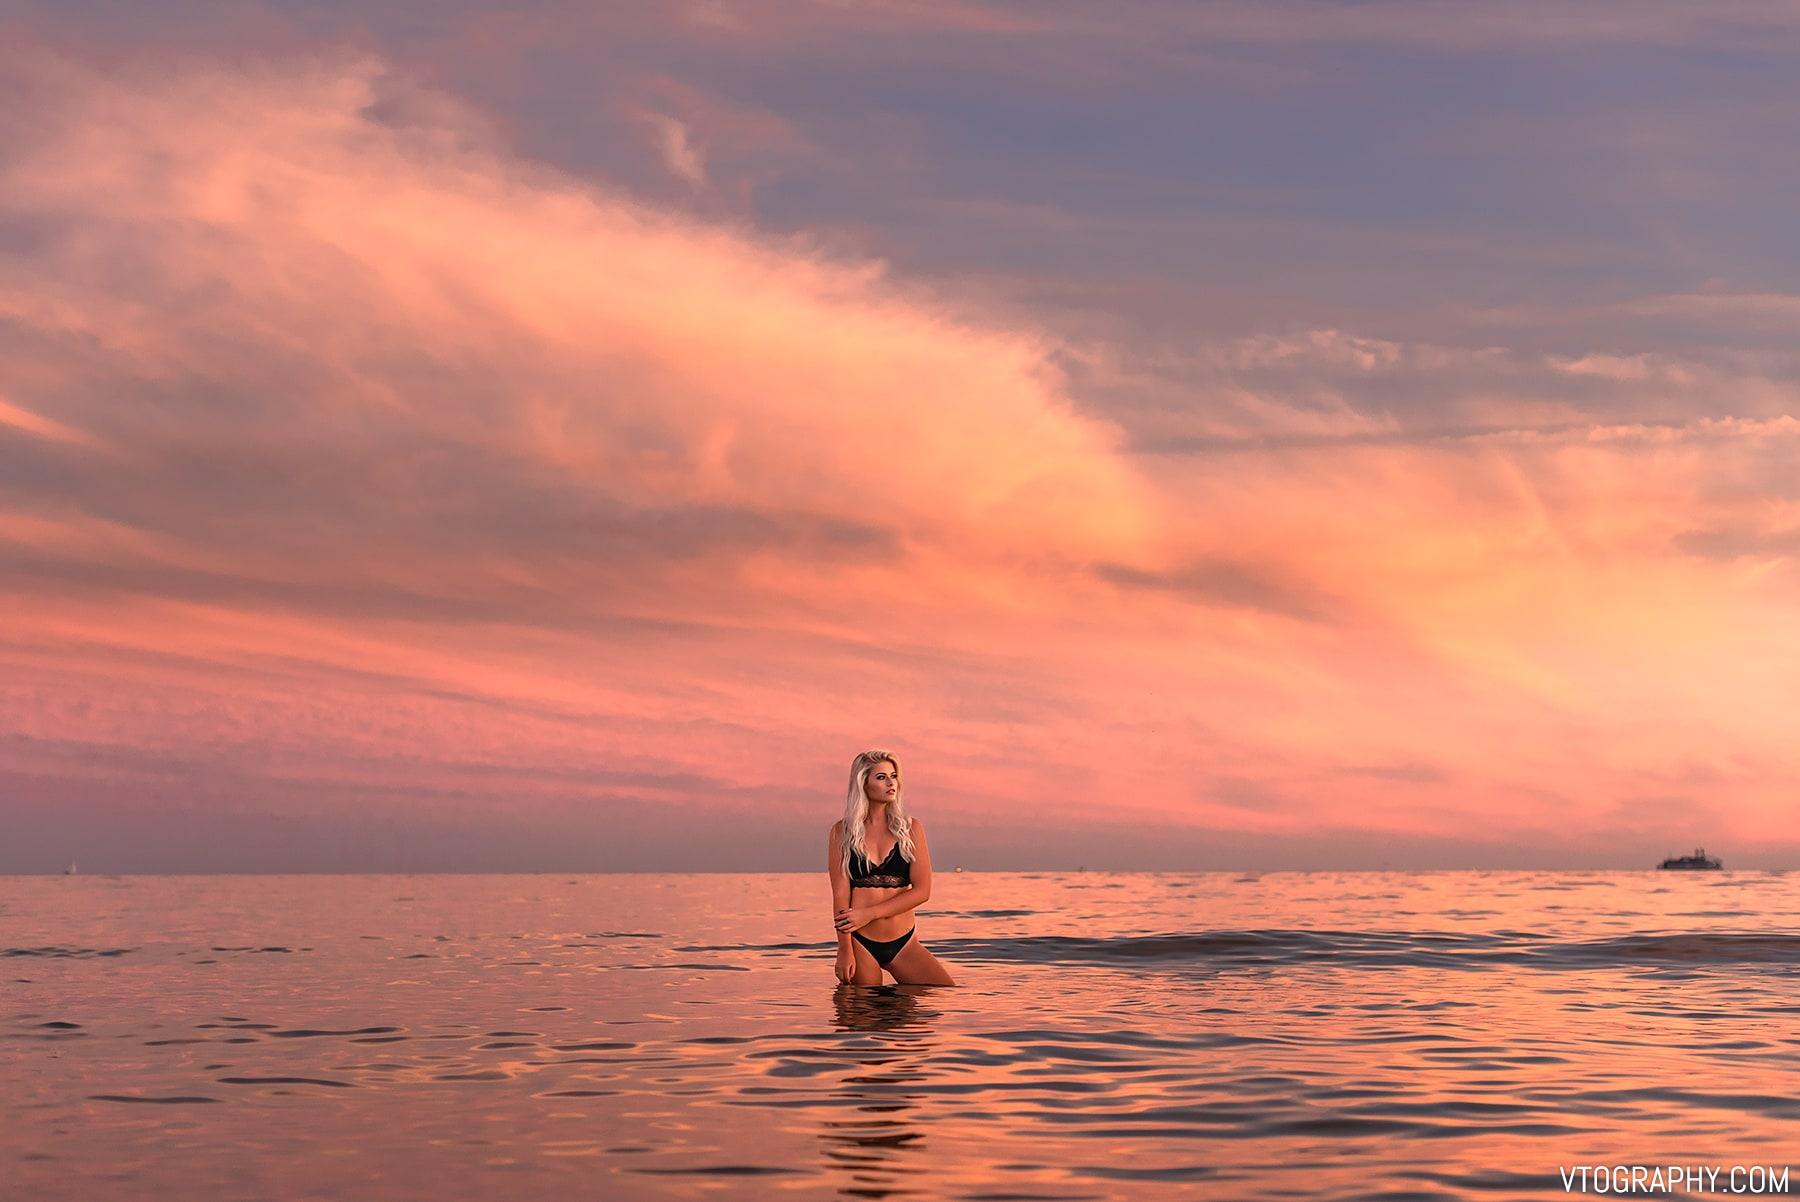 Sami in a bikini at sunset